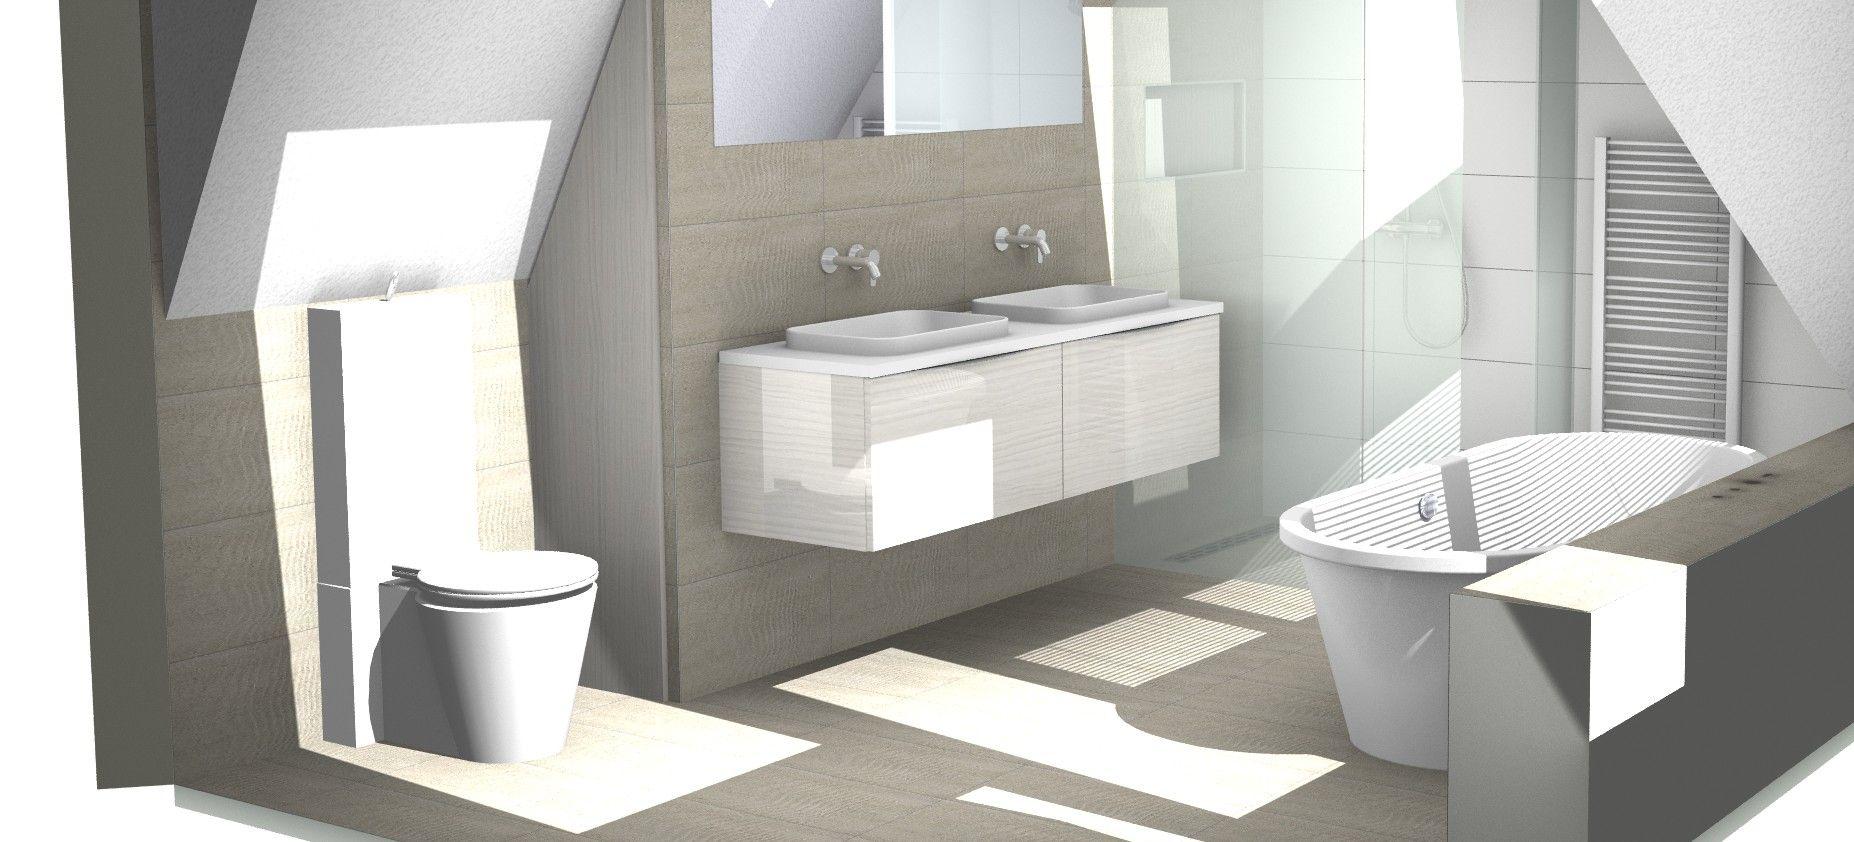 Badkamer op zolderverdieping onder schuin dak | 3D badkamer ...